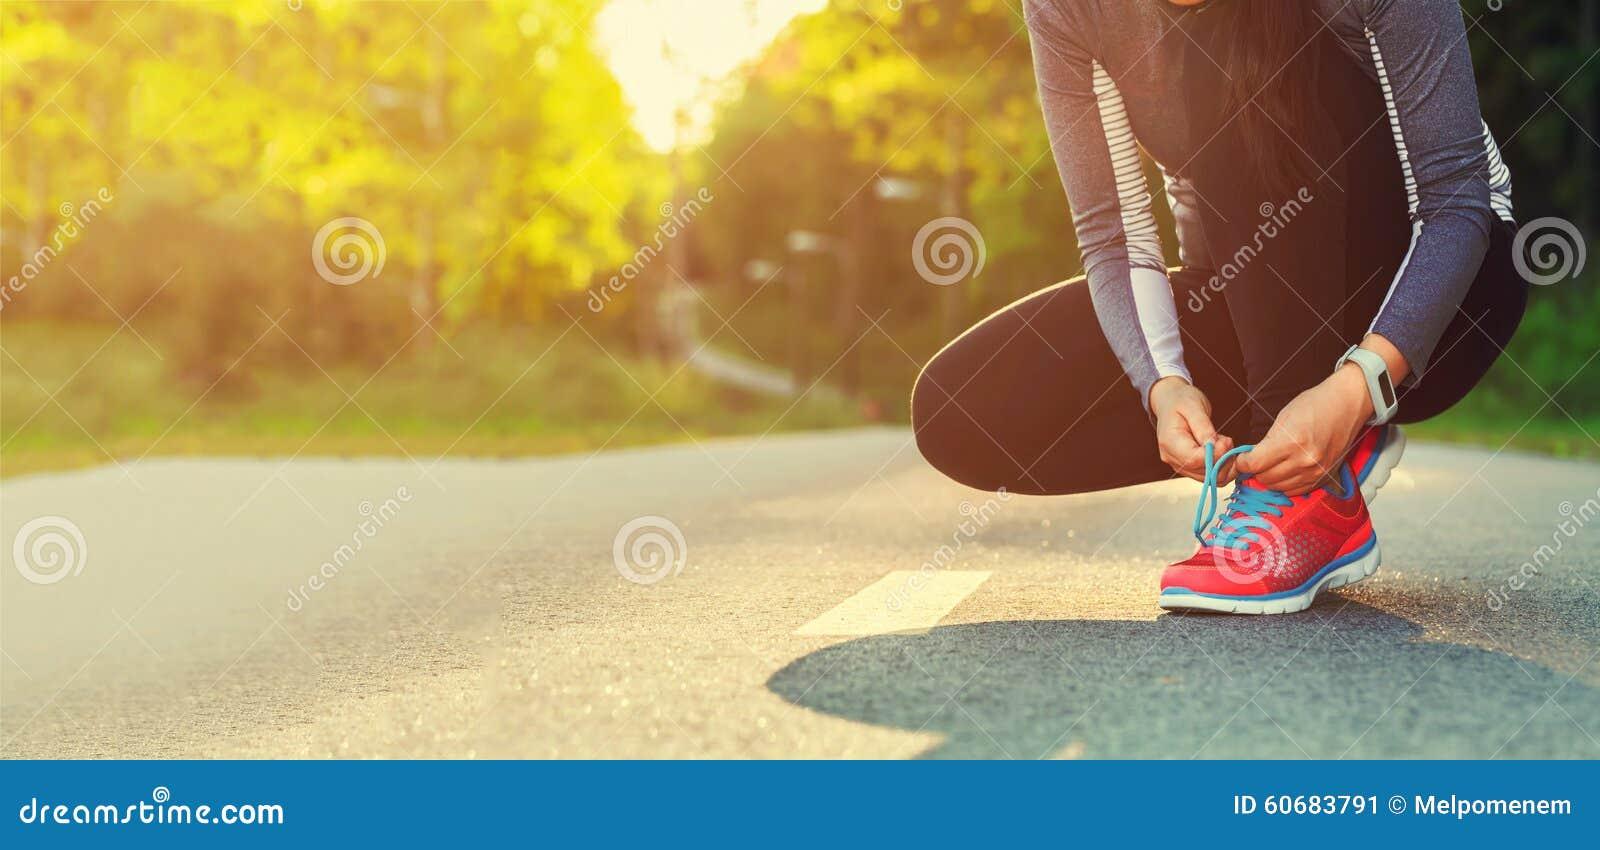 Corridore femminile che lega le sue scarpe che preparano per un trotto